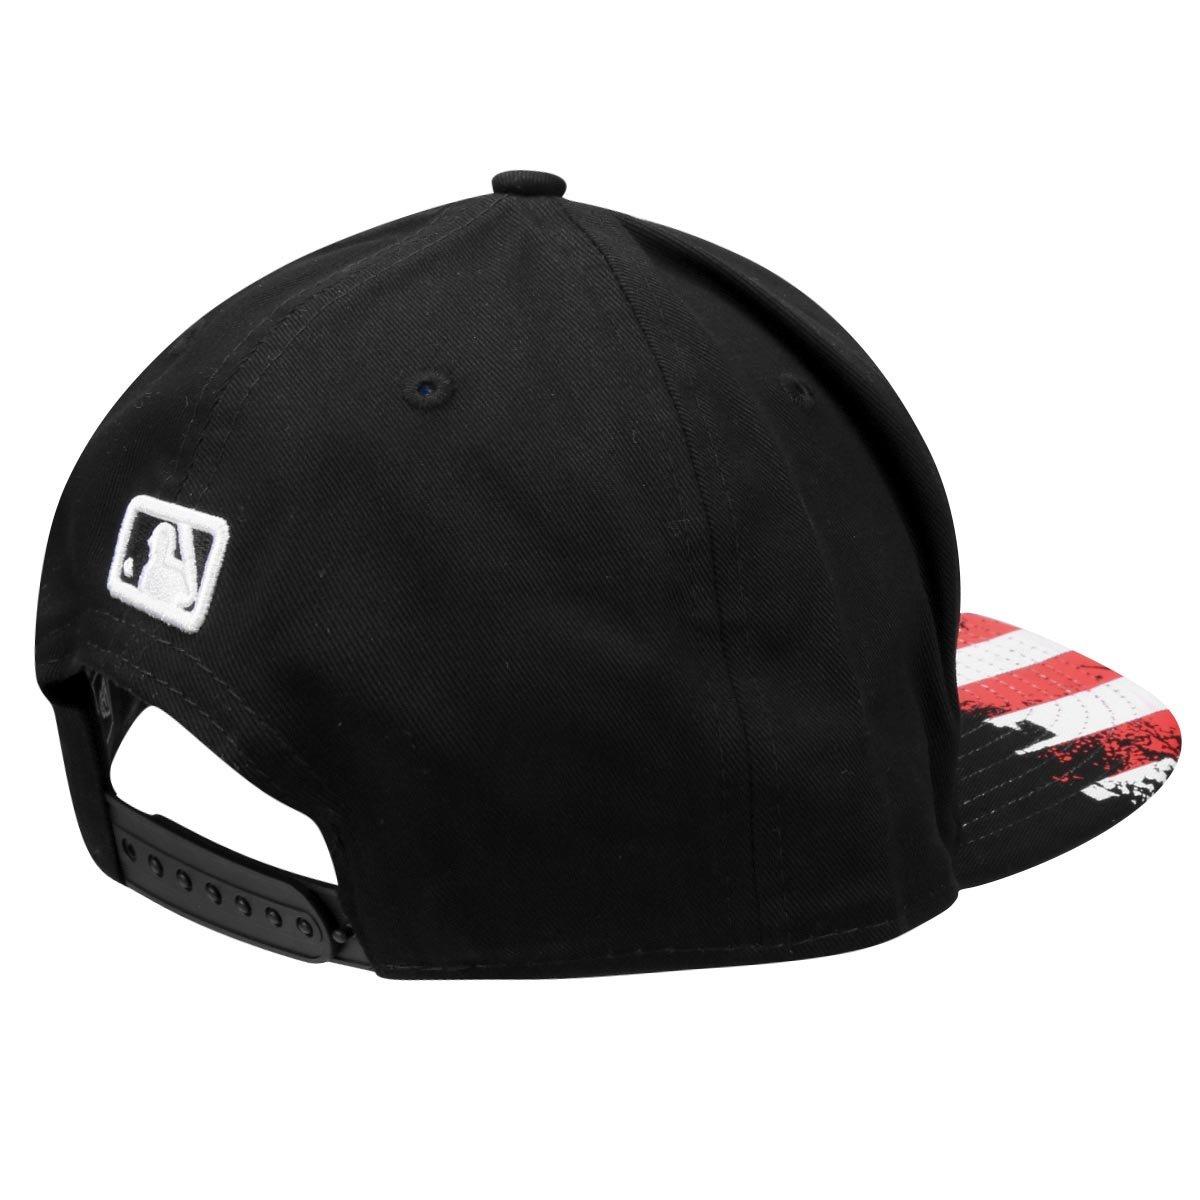 Boné New Era MLB 950 Af Sn Usa Flag New York Yankees - Compre Agora ... af4e608180a